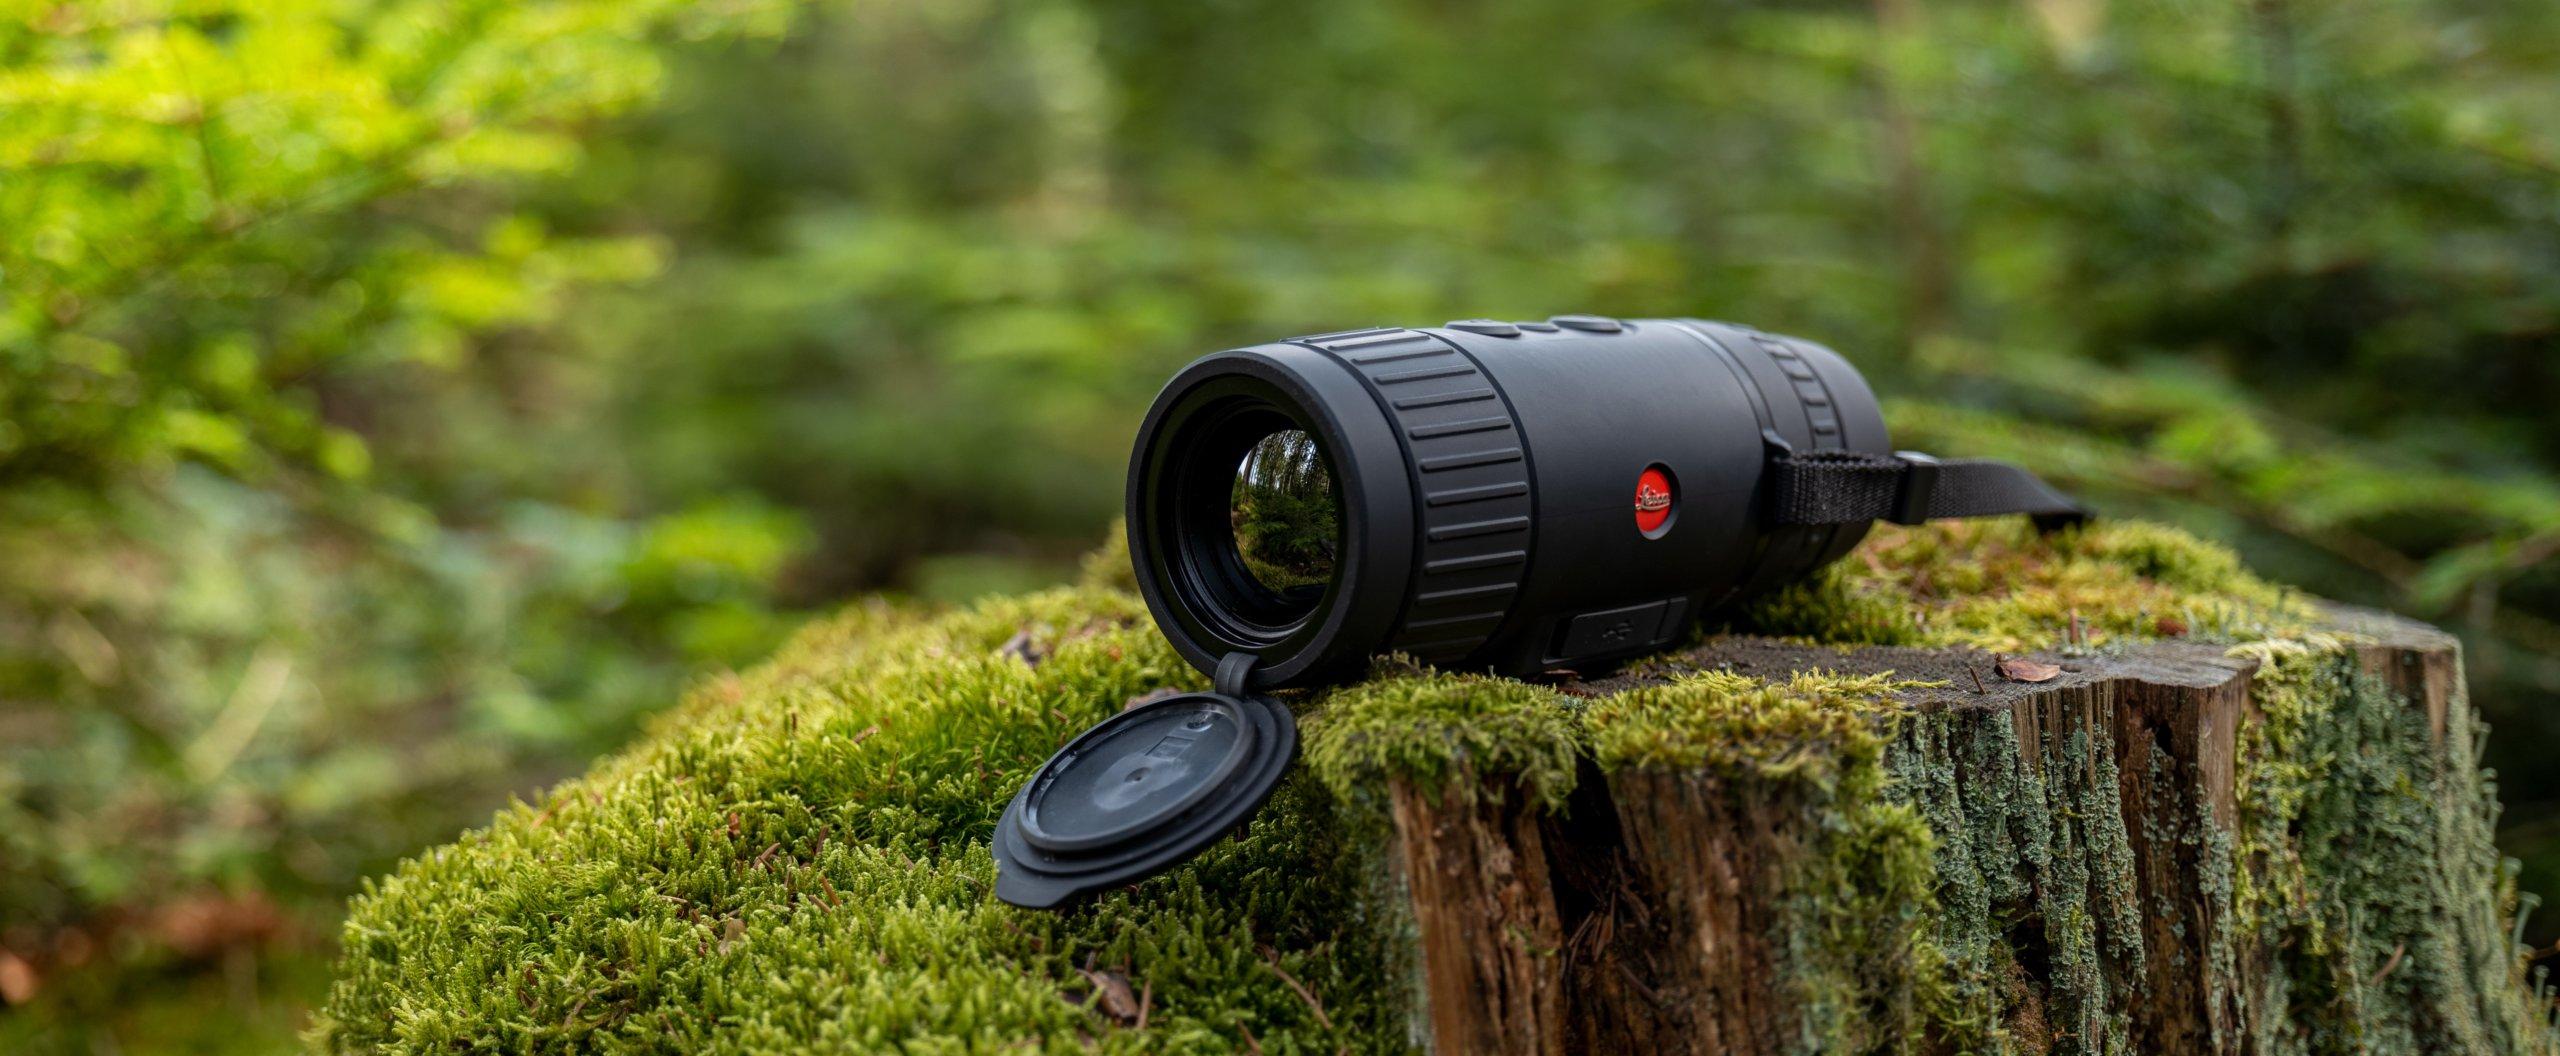 Il nuovo visore termico da osservazione Leica Calonox View. Fa anche foto e video, ma non può in alcun modo essere montato su un'arma.